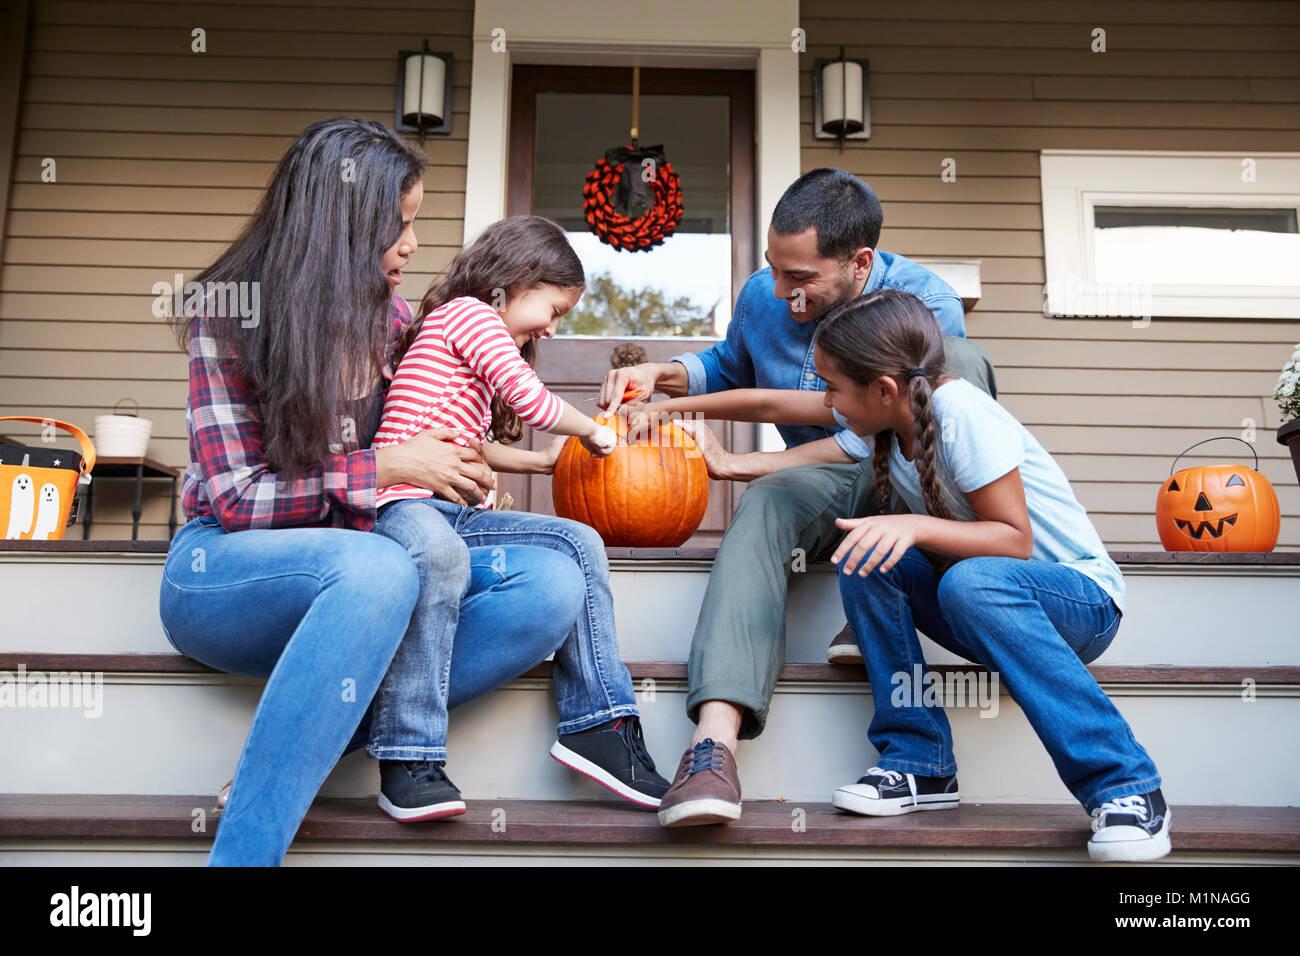 Famiglia Carving Zucca di Halloween sui gradini di una casa Immagini Stock